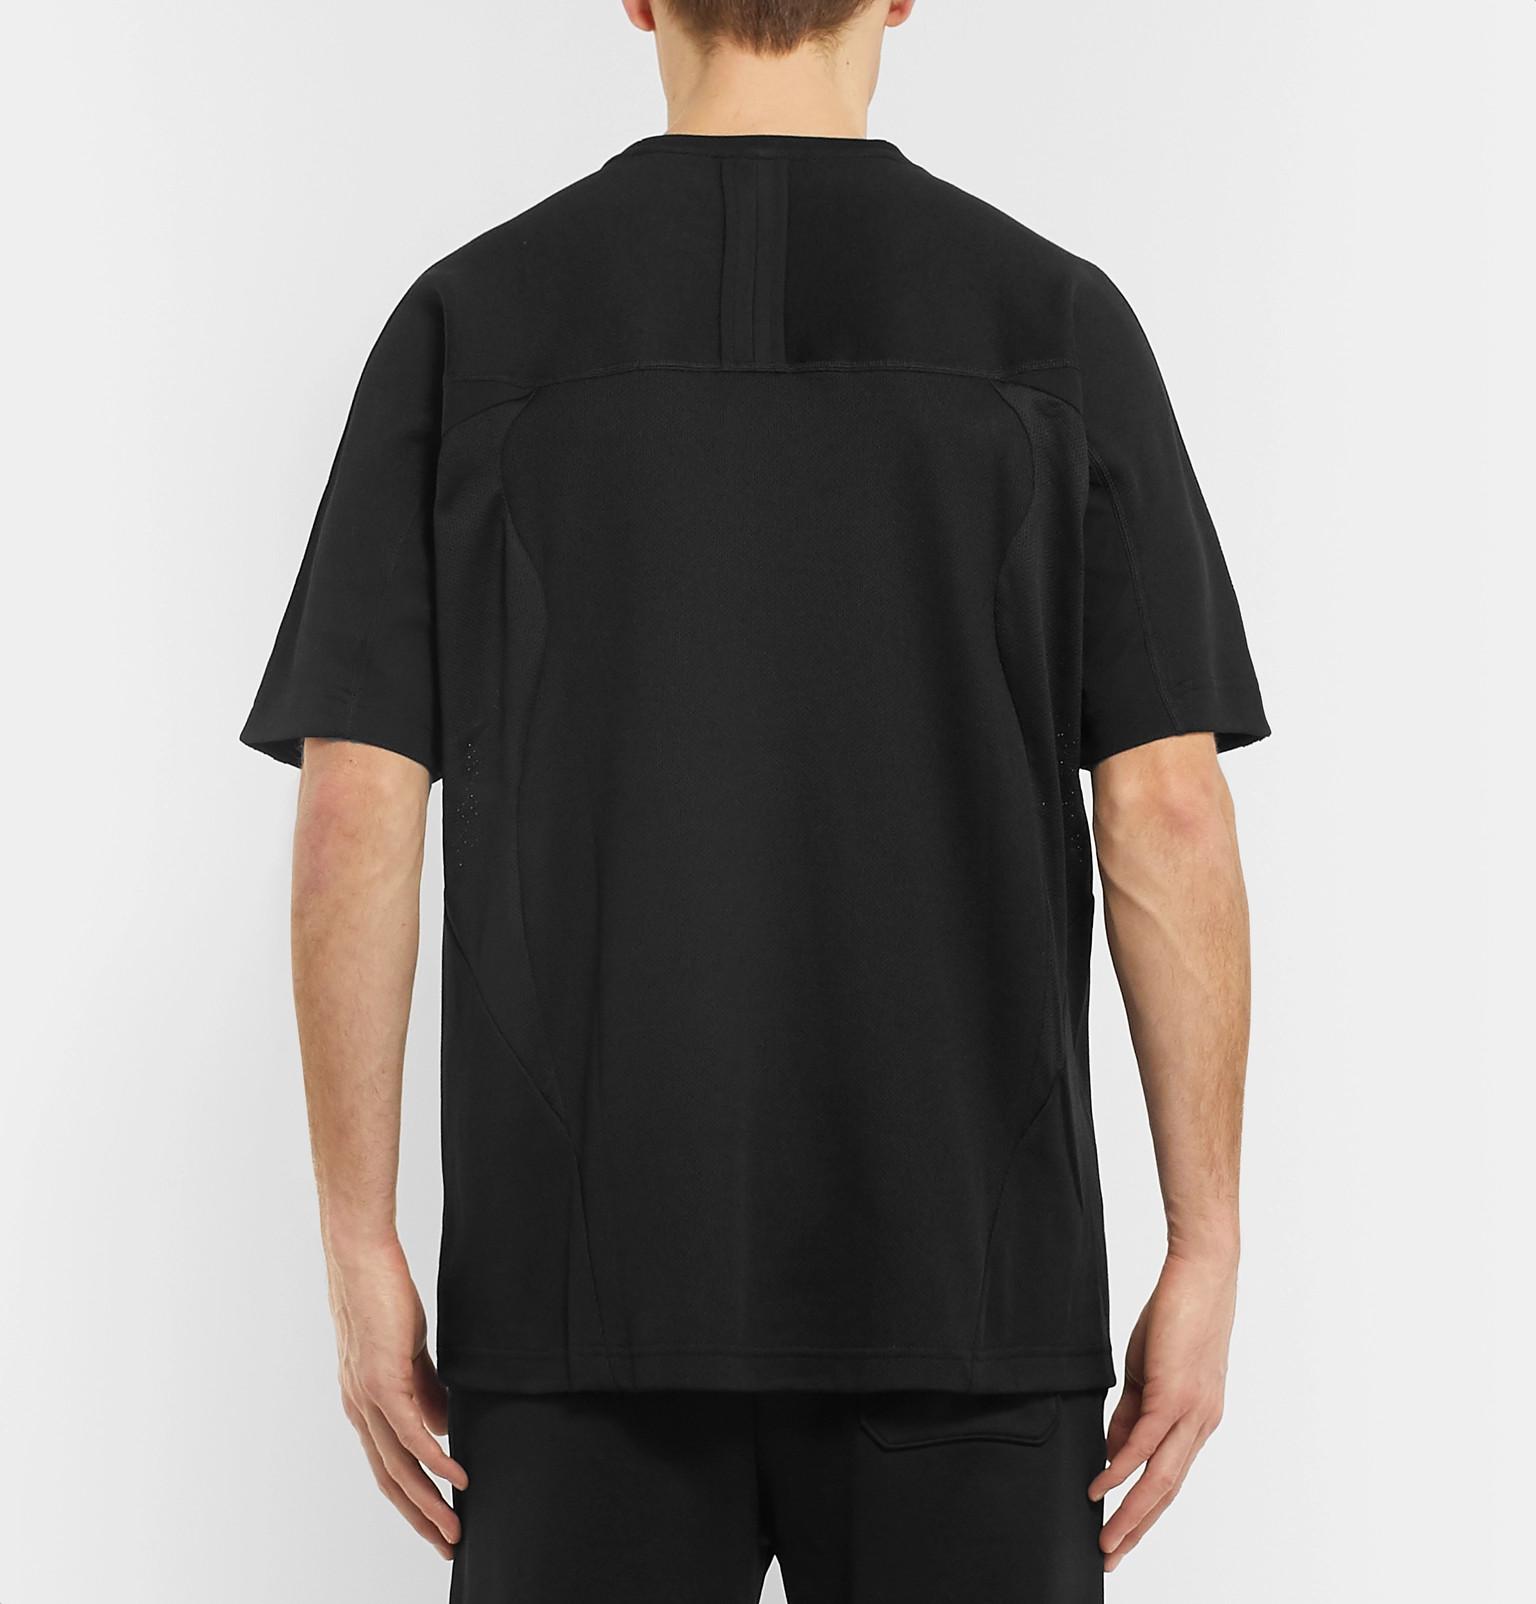 the best attitude c9951 3aed3 adidas OriginalsPT3 Logo-Appliquéd Mesh-Panelled Cotton-Blend Piqué T-Shirt